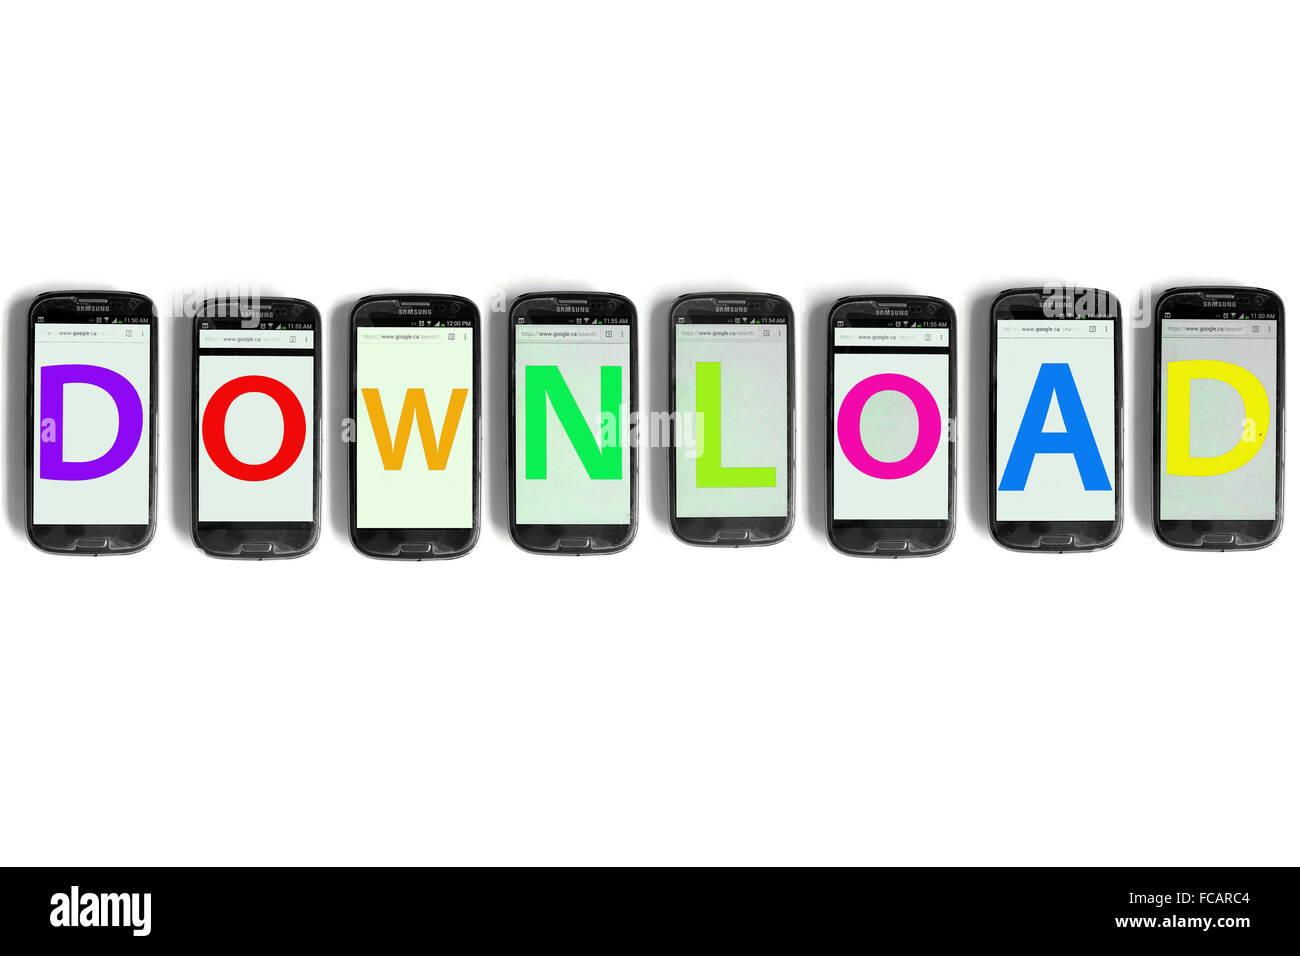 Descargar escrito en las pantallas de los smartphones fotografiado contra un fondo blanco. Imagen De Stock